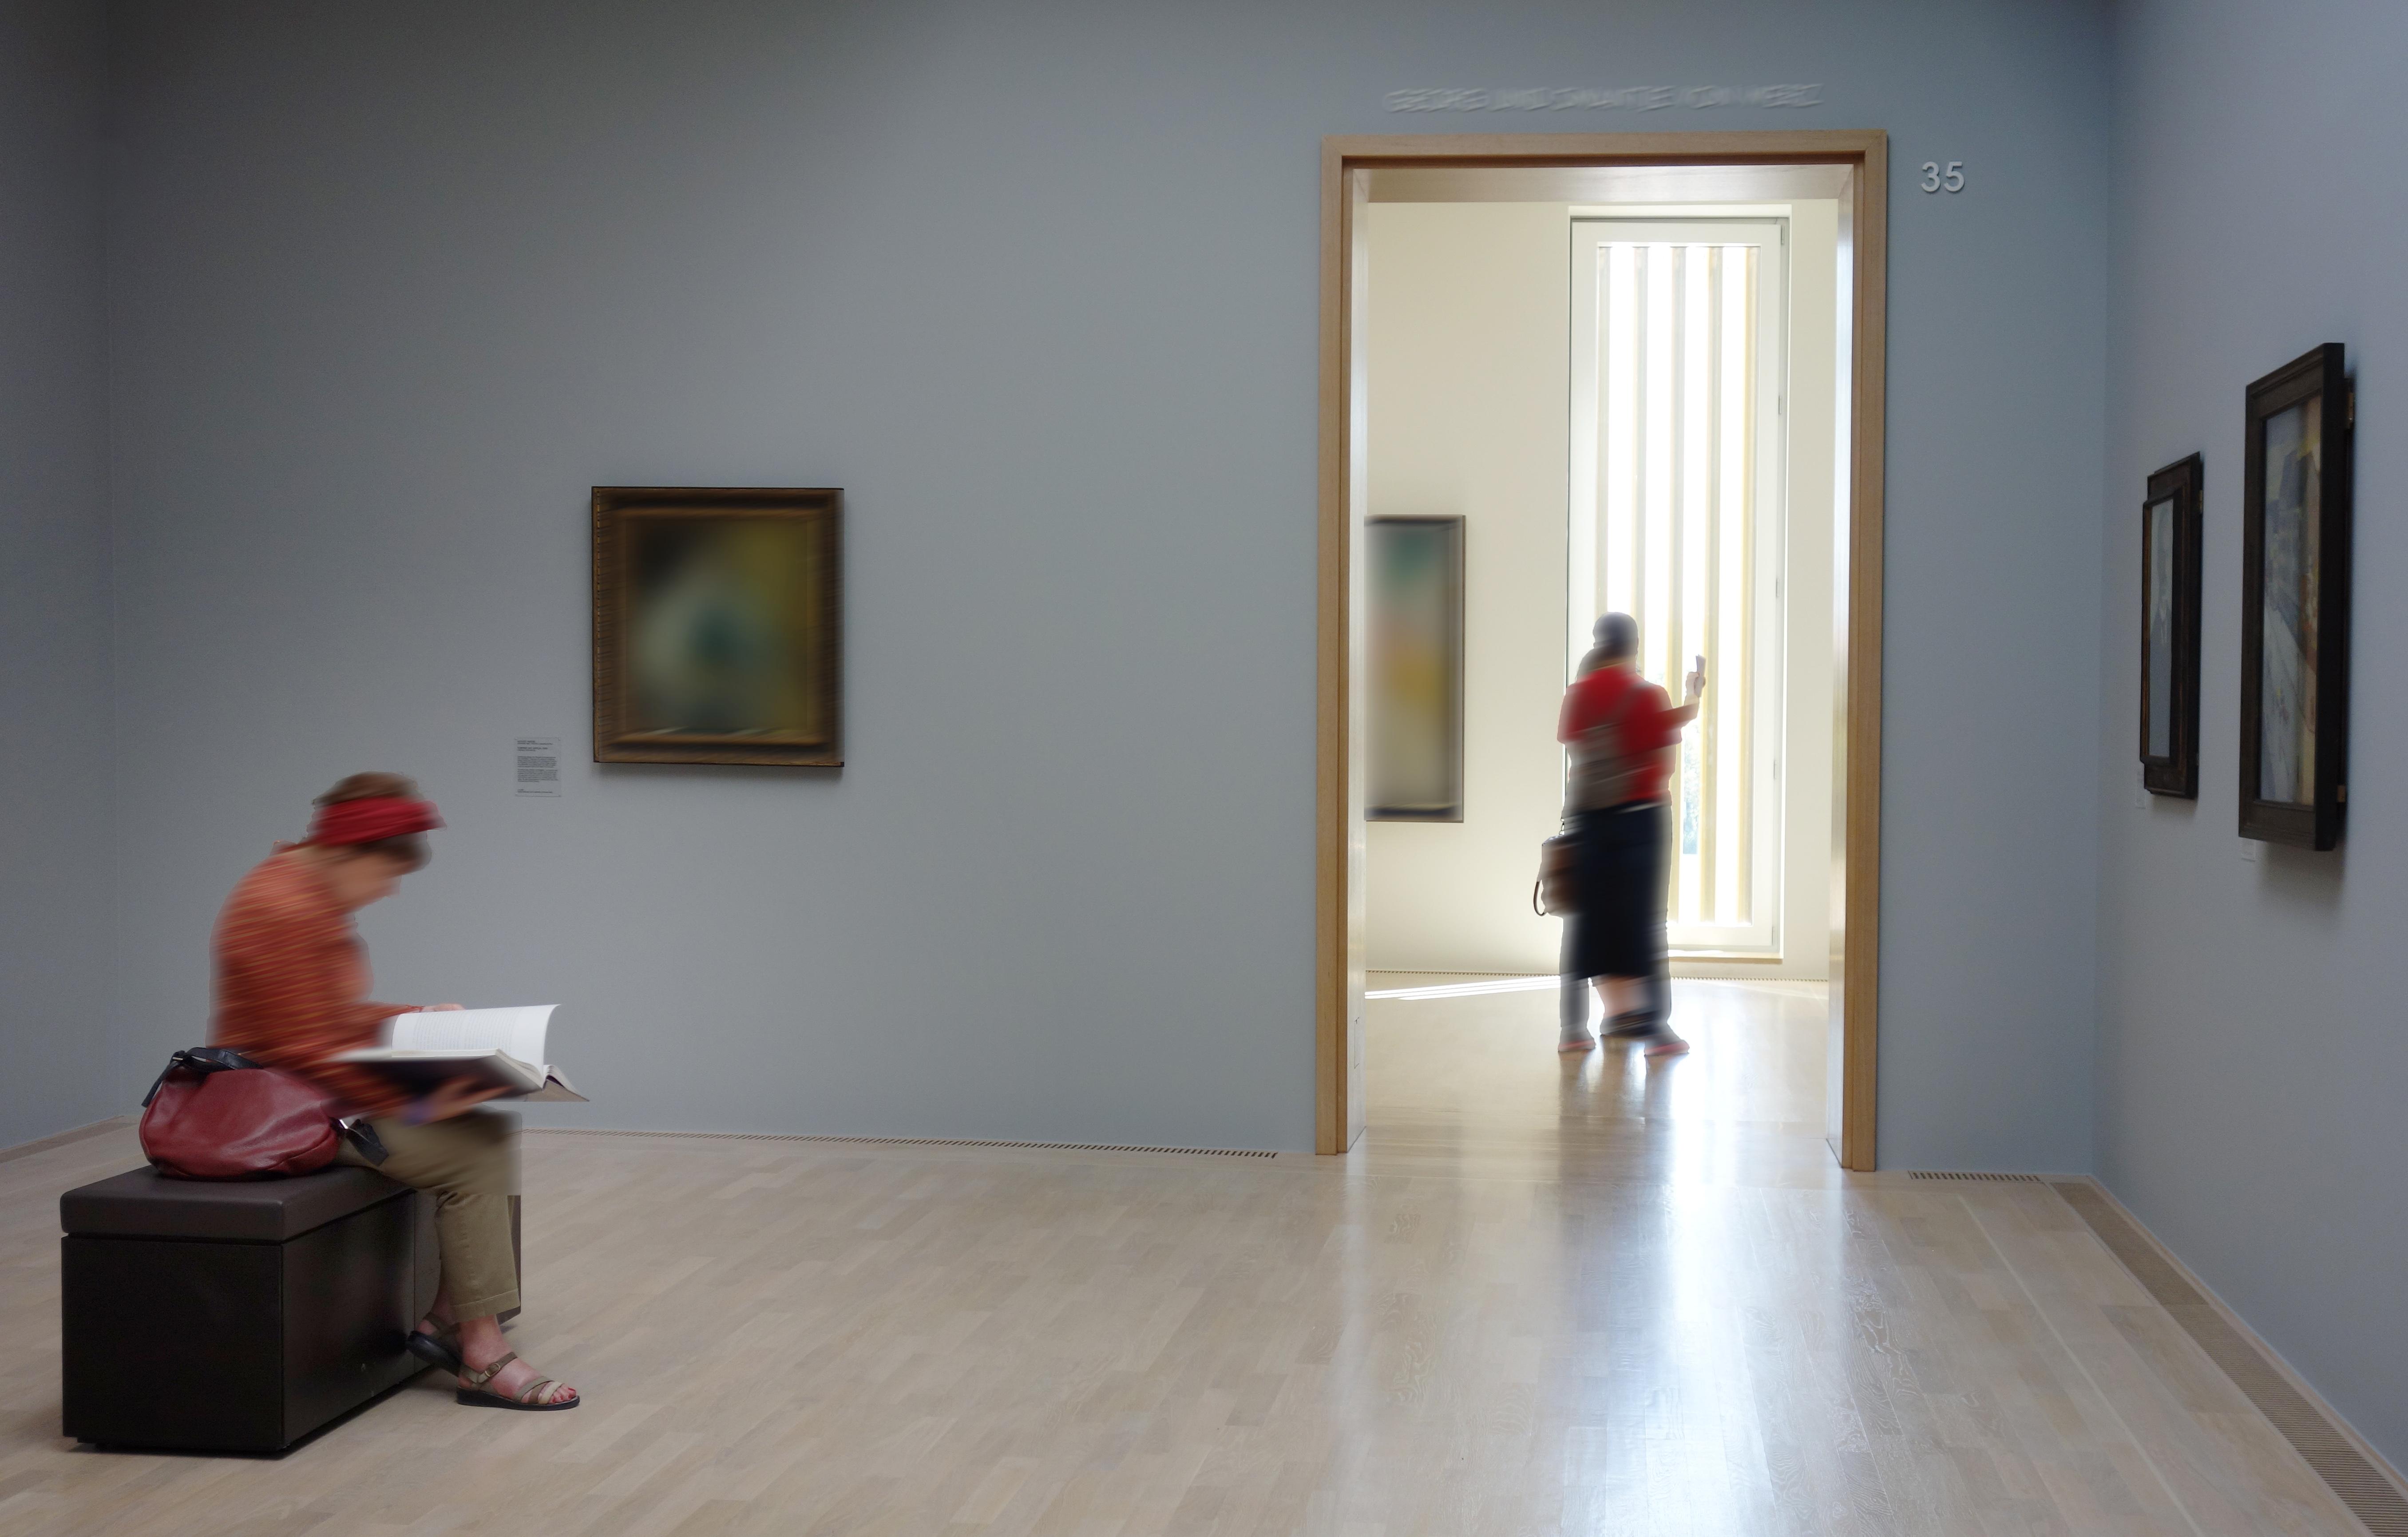 Kunstpräsentation - zur Betrachtung von Kunst im Museum